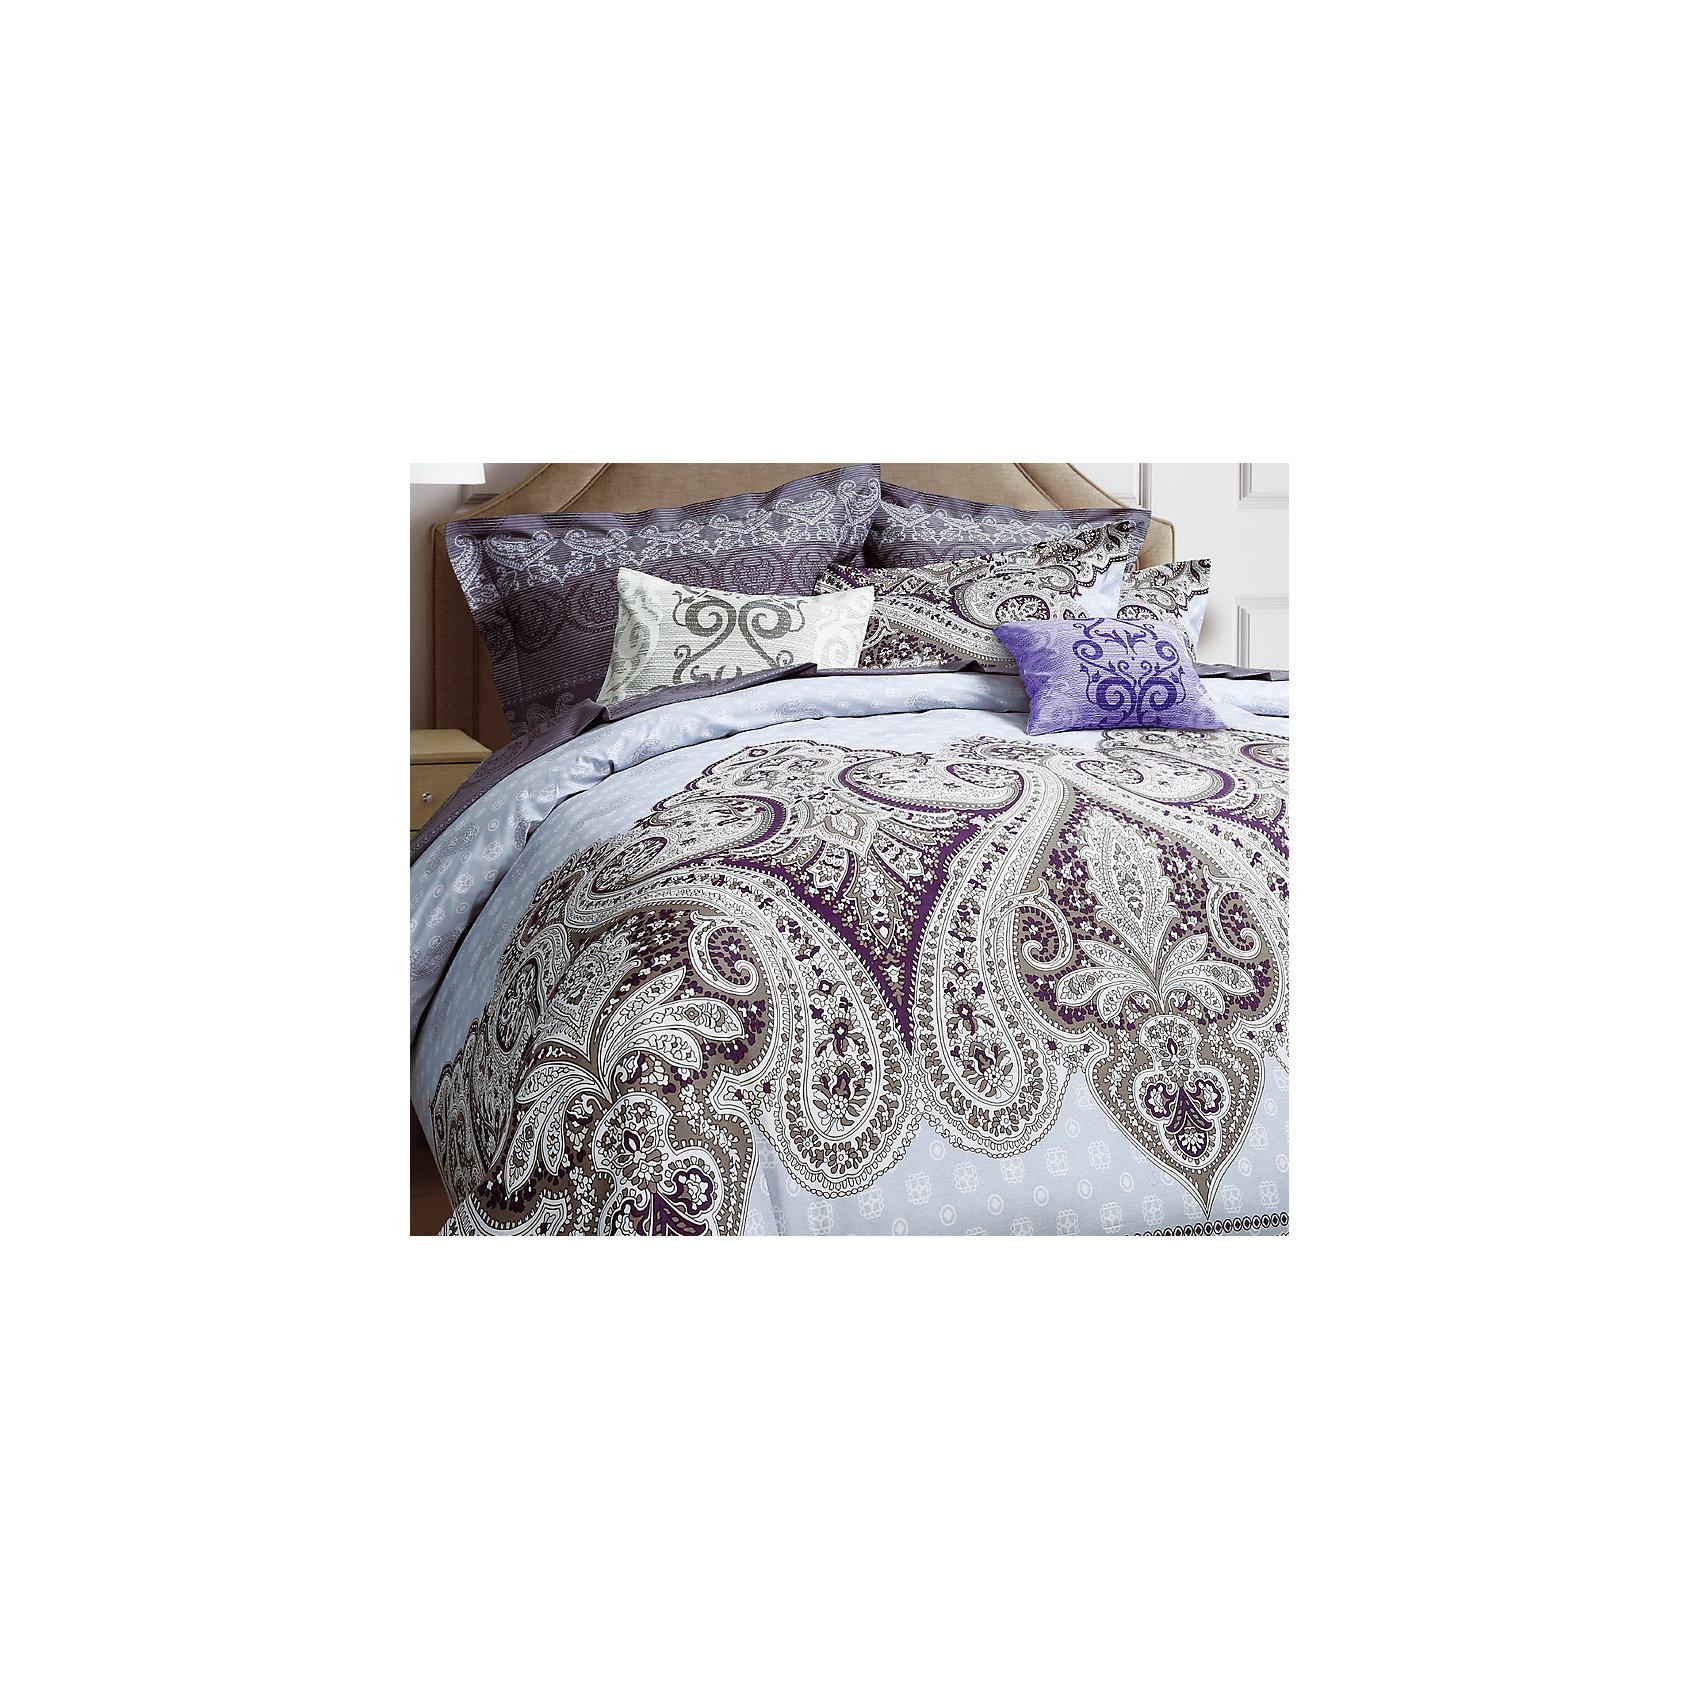 Постельное белье Bustun, 2-спальный, 70*70 и 50*70, Mona LizaХарактеристики:<br><br>• Вид домашнего текстиля: постельное белье<br>• Тип постельного белья по размерам: 2сп<br>• Серия: Mona Liza Premium<br>• Сезон: круглый год<br>• Материал: сатин <br>• Цвет: голубой, белый, оттенки коричневого<br>• Комплектация: <br> пододеяльник – 1 шт. 175*210 см <br> простынь – 1 шт. 215*240 см<br> наволочки – 4 шт. (2 шт. 50-70 см и 2 шт. 70*70 см)<br>• Тип упаковки: полиэтиленовая книжка<br>• Вес в упаковке: 2 кг 650 г<br>• Особенности ухода: машинная стирка при температуре 30 градусов<br><br>Постельное белье 2сп Bustun 70*70 и 50*70 сатин, Mona Liza изготовлено под отечественным торговым брендом, выпускающим постельное белье из натуральных тканей. Комплект выполнен из сатина, обладающего особой мягкостью, шелковистостью поверхности, хорошими износоустойчивыми свойствами. Изделия из сатина очень долгое время сохраняютформу и фактуру даже при частых стирках. Комплектсостоит из 6-ти предметов: простыни, пододеяльника и четырех наволочек разных размеров. Комплект выполнен в стильном дизайне с крупным фантазийным рисунком.<br>Постельное белье 2сп Bustun 70*70 и 50*70 сатин, Mona Liza – домашний текстиль, соответствующий международным стандартам качества и безопасности!<br><br>Постельное белье 2сп Bustun 70*70 и 50*70 сатин, Mona Liza можно купить в нашем интернет-магазине.<br><br>Ширина мм: 290<br>Глубина мм: 80<br>Высота мм: 370<br>Вес г: 2700<br>Возраст от месяцев: 84<br>Возраст до месяцев: 1188<br>Пол: Унисекс<br>Возраст: Детский<br>SKU: 5165654